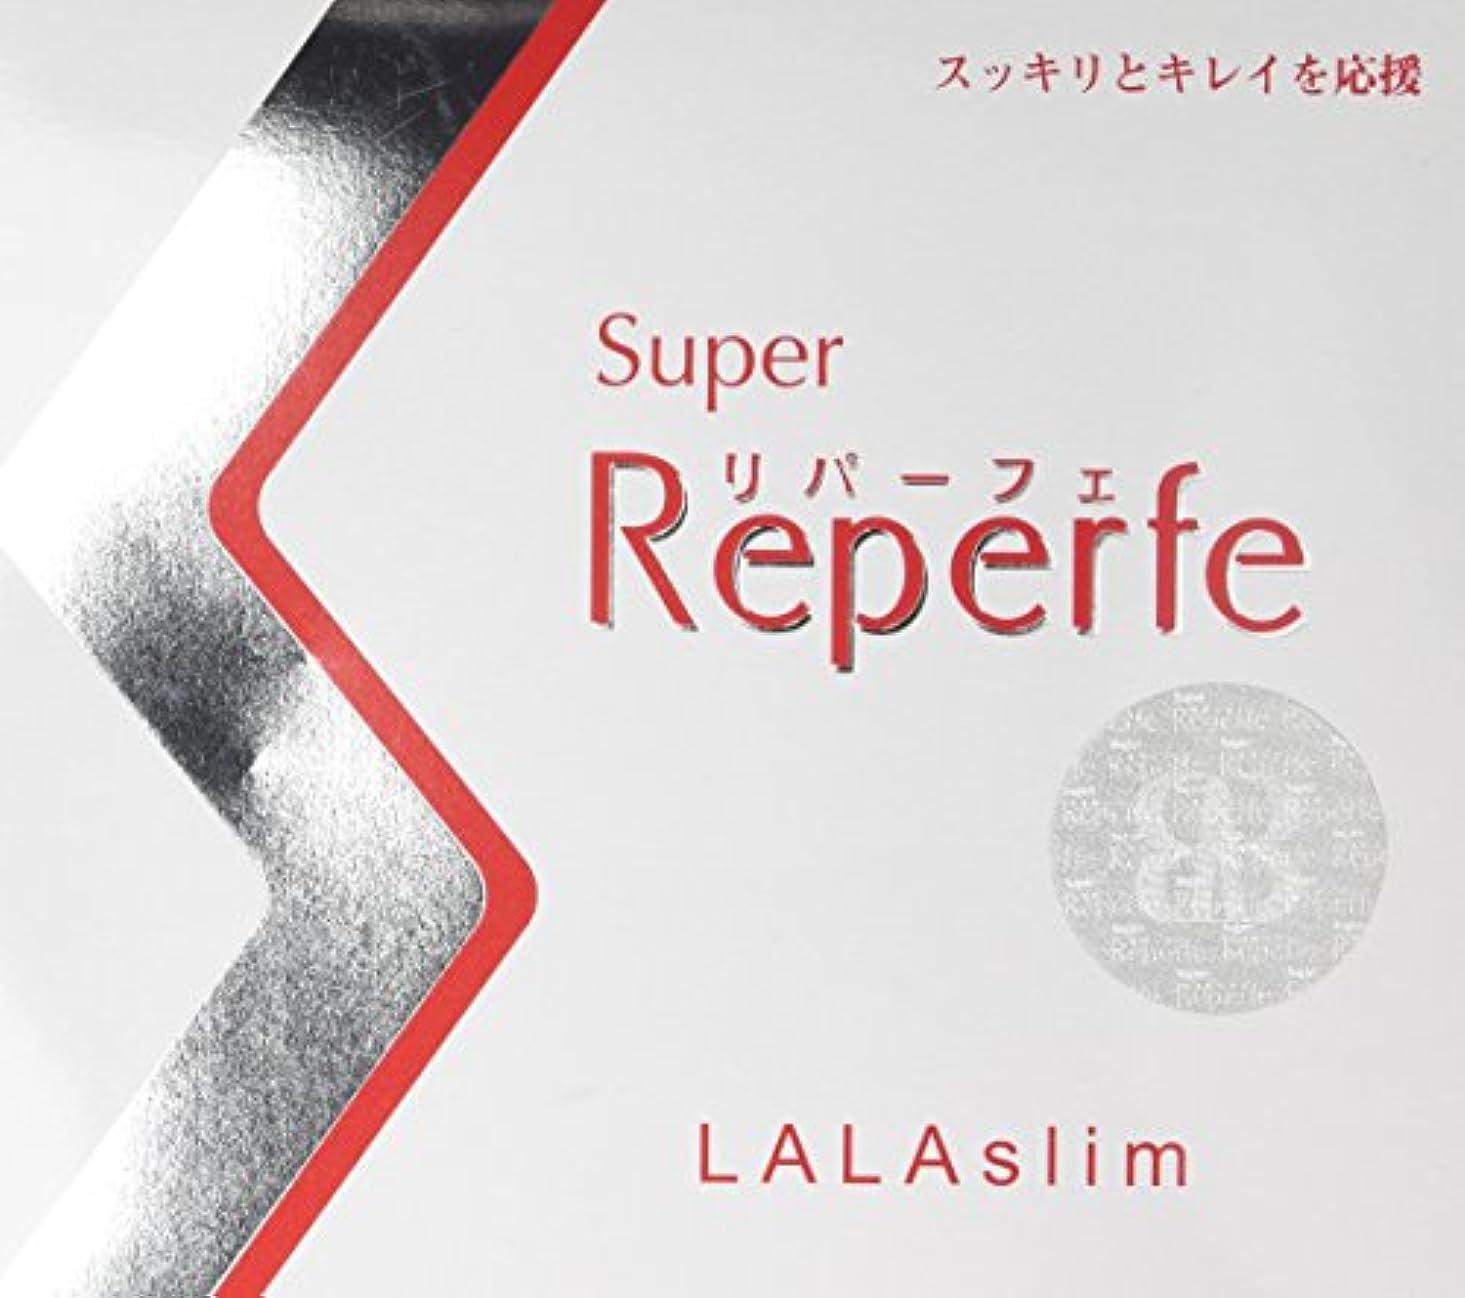 絞る学士あいまいスーパーリパーフェ ララスリム 錠剤タイプ